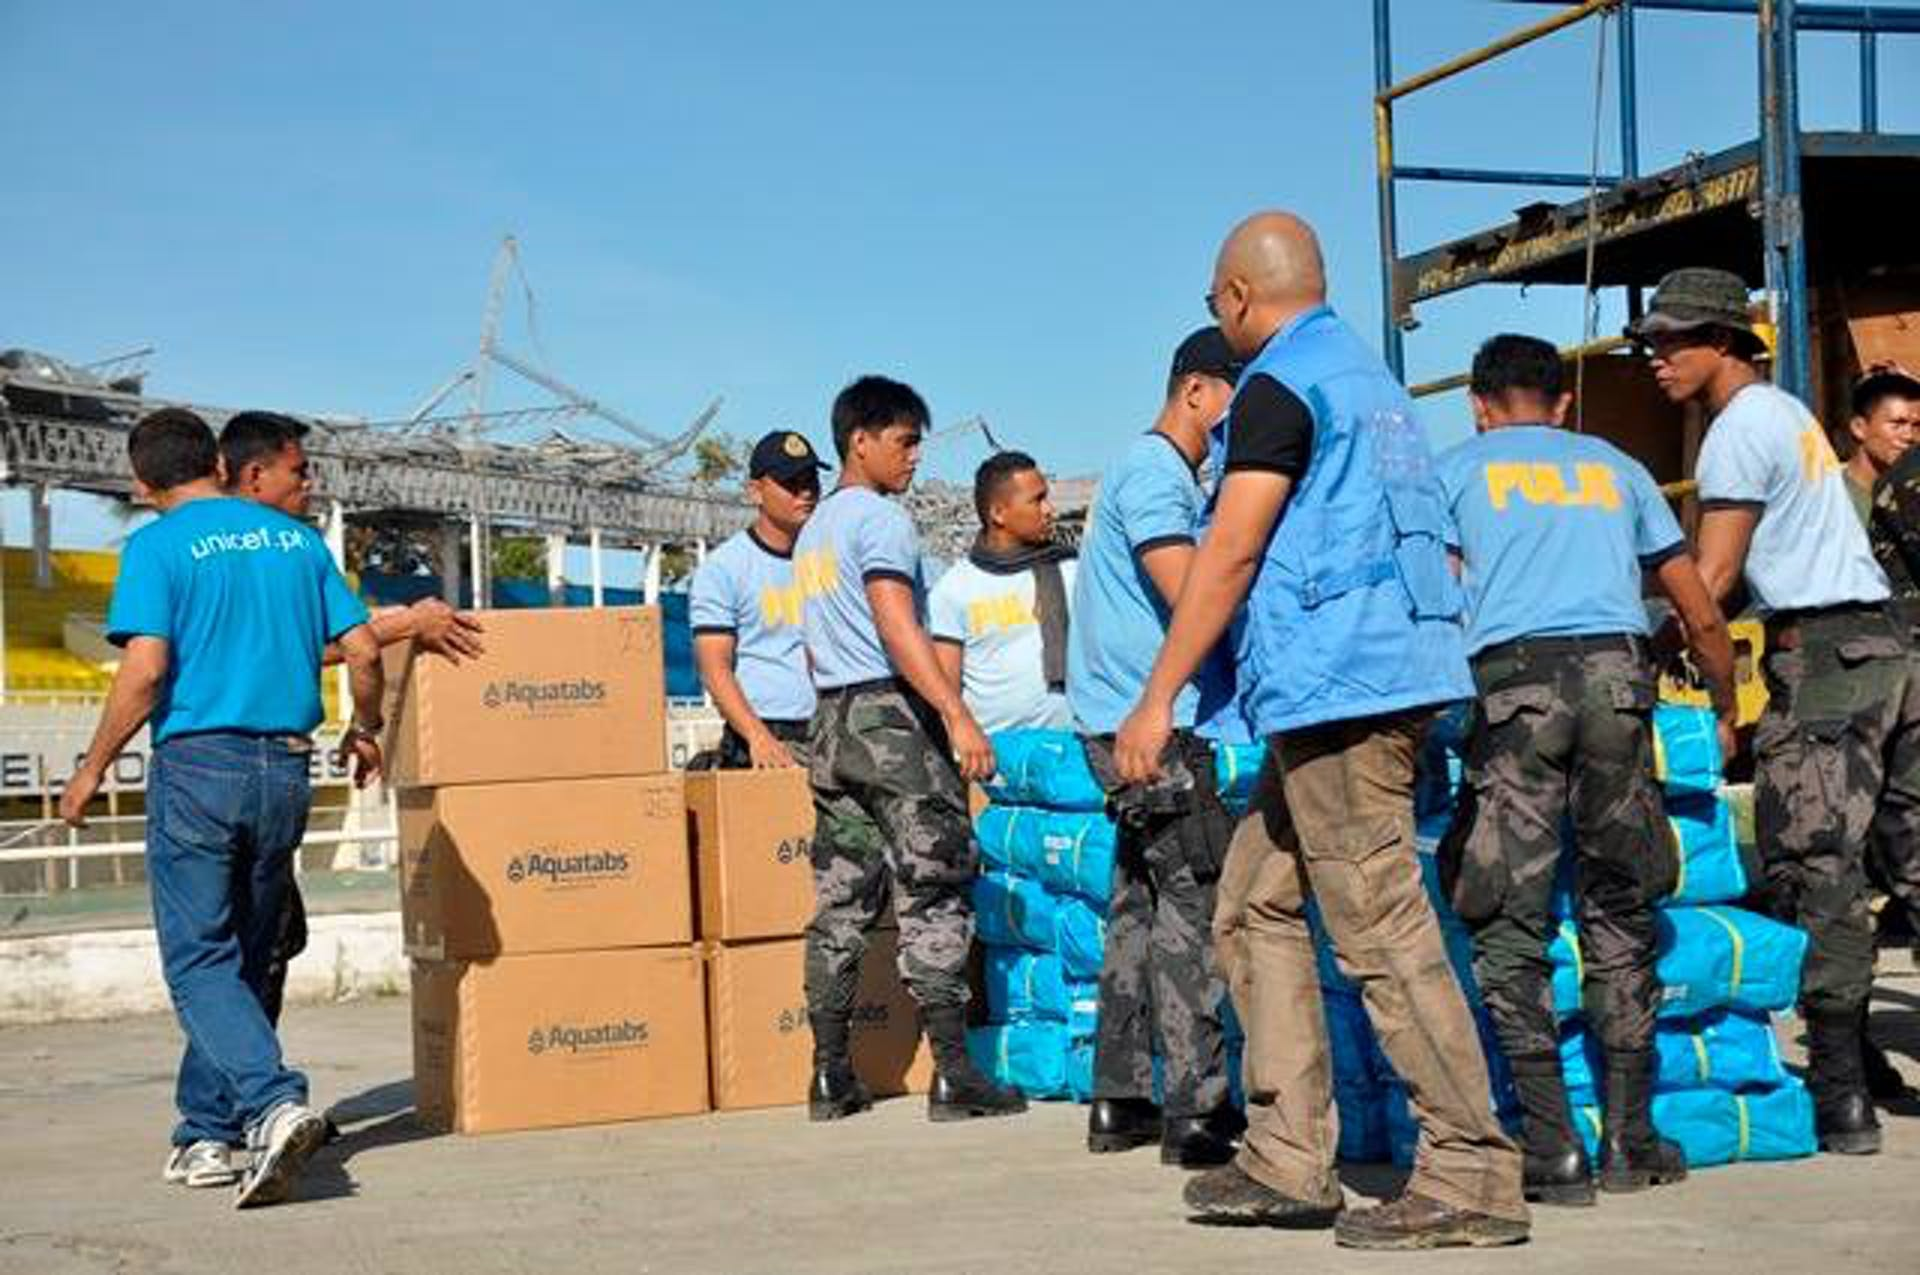 Militari e operatori civili scaricano scorte di sostanze per potabilizzare l'acqua fornite dall'UNICEF nella città di Roxas - ©UNICEF Filippine/2013/Ivan Hibalo